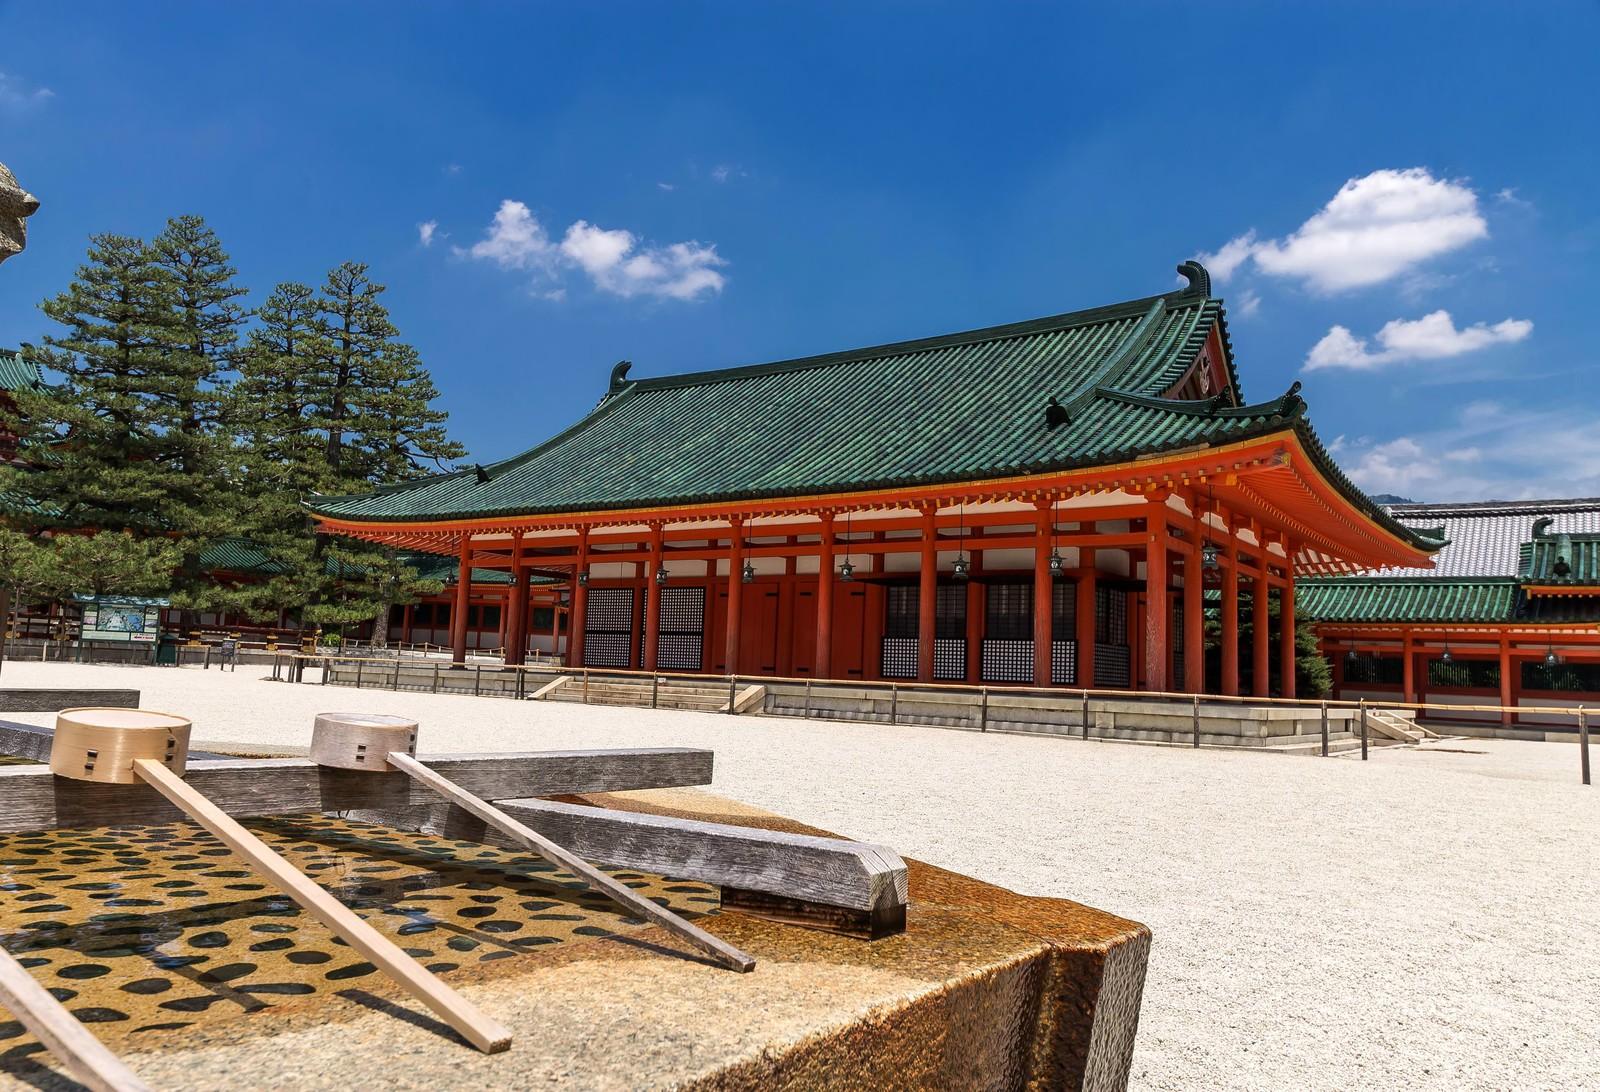 新宿のオアシス★パワースポットの公園発見!新宿中央公園 十二社熊野神社